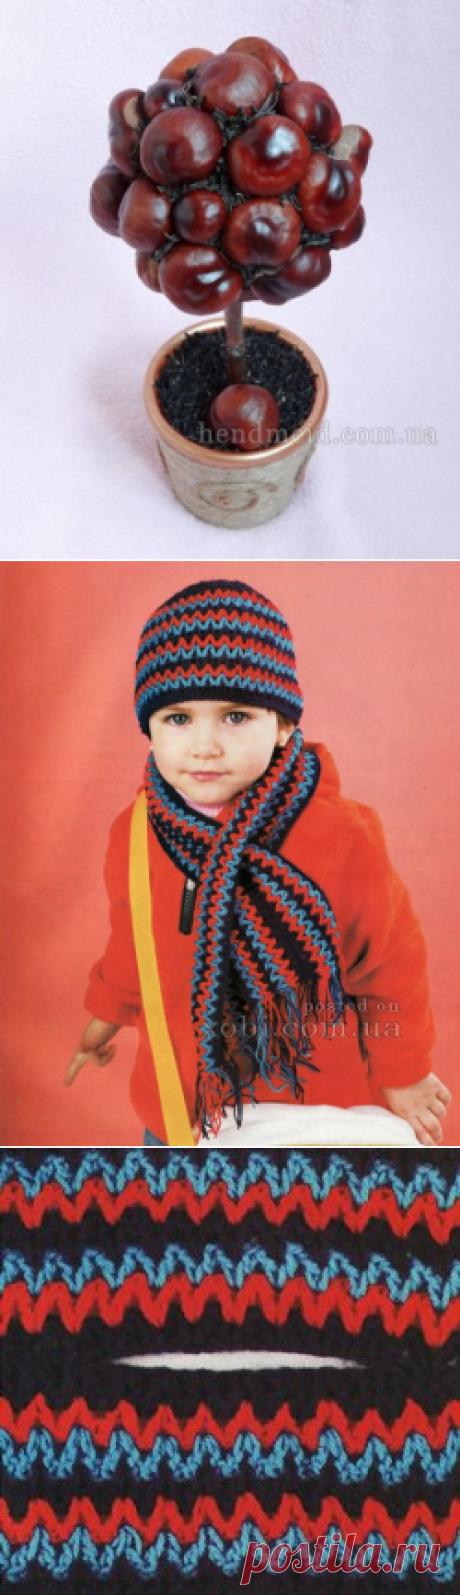 шапка и шарфик для мальчика вязаные крючком